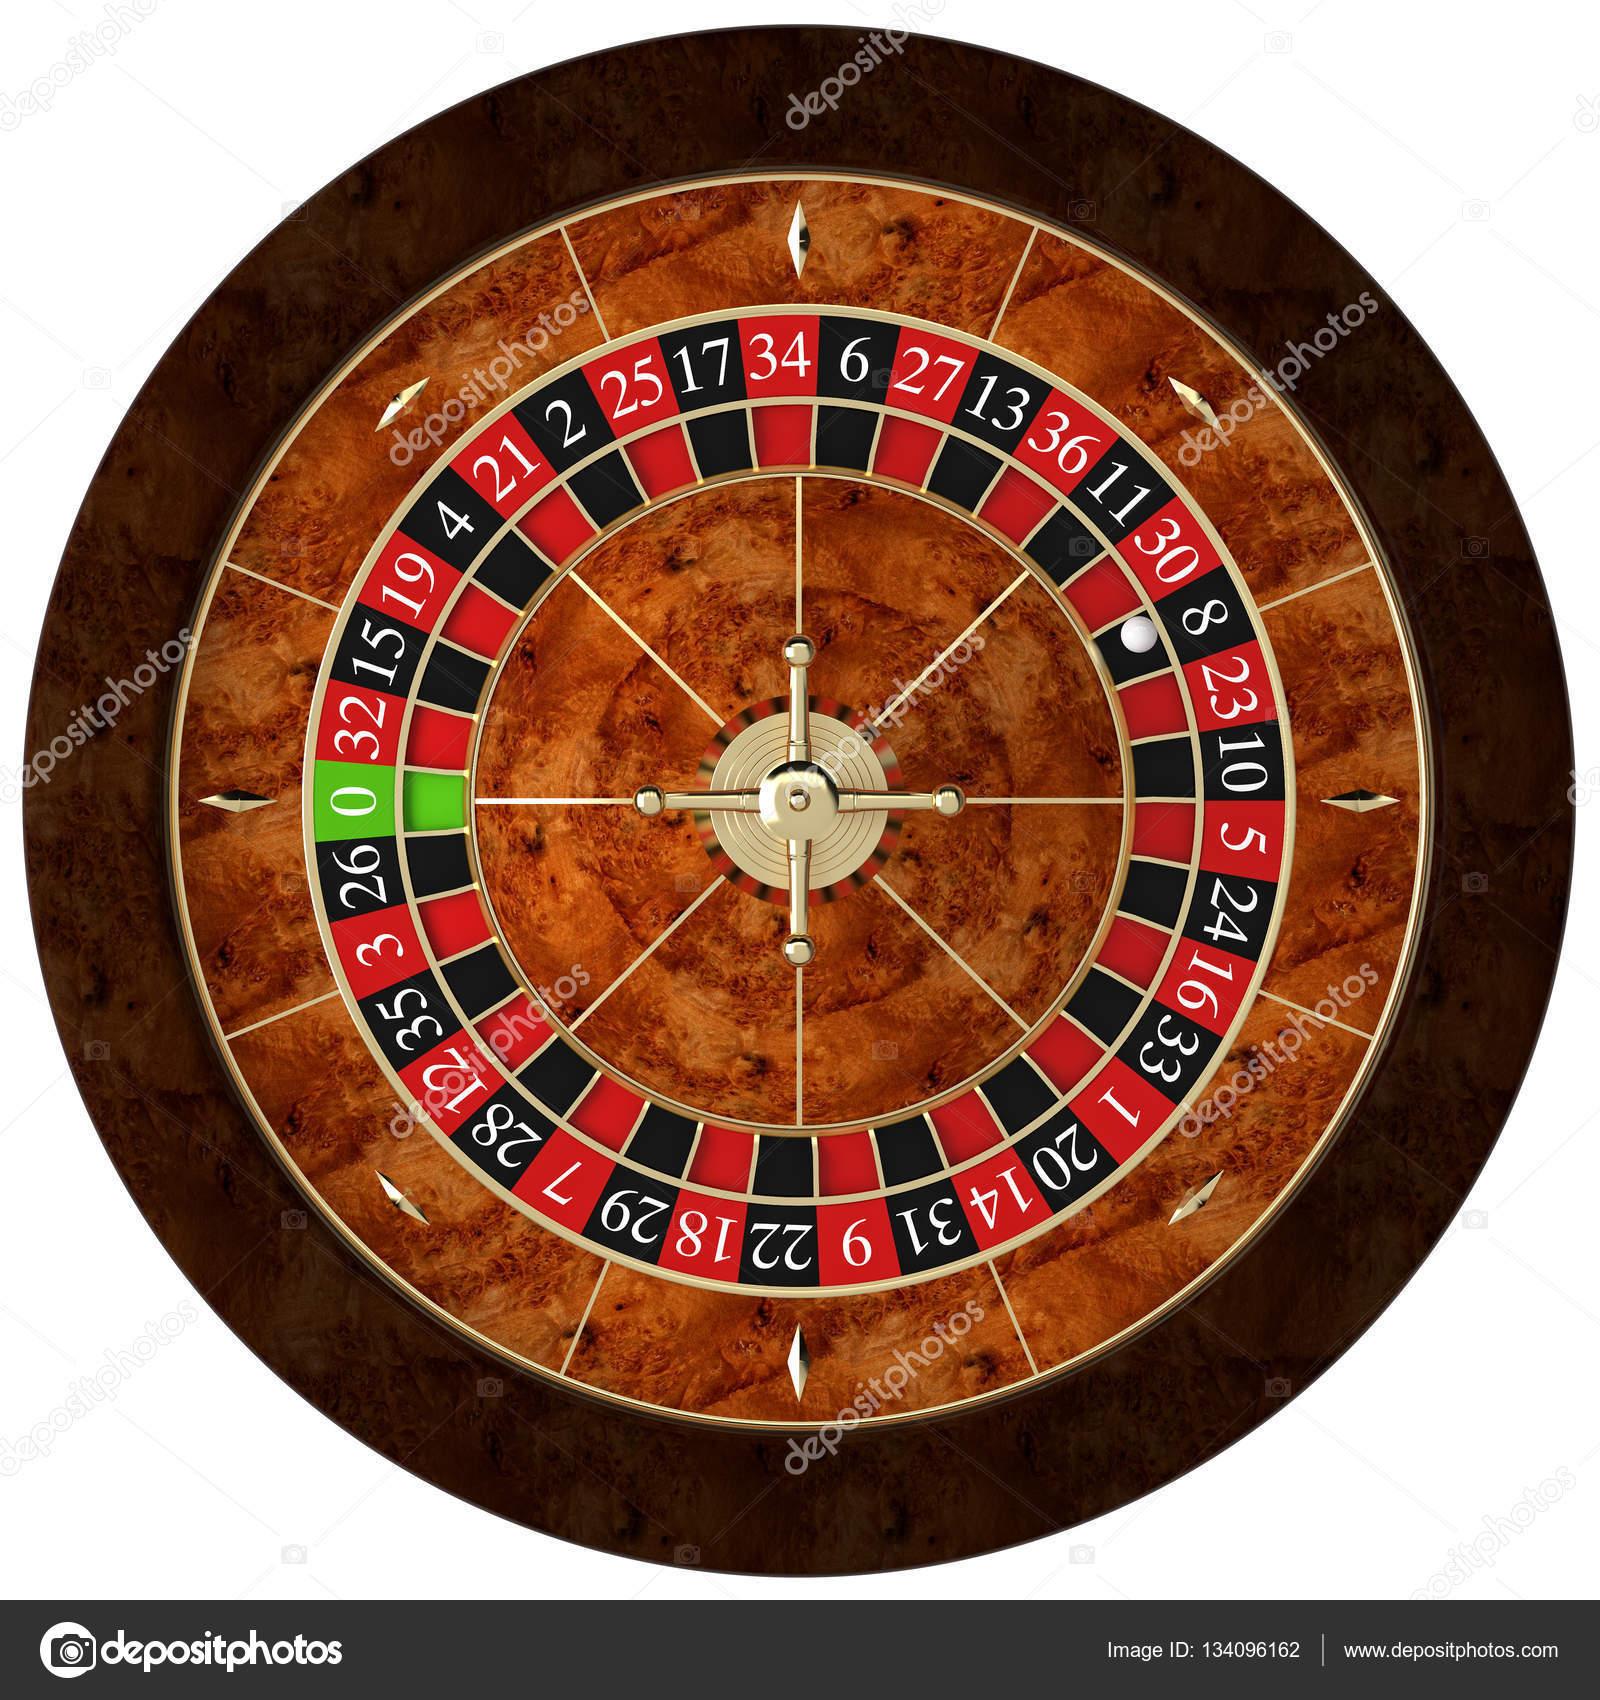 Ruletas de casino 888 poker Paraguay-139520